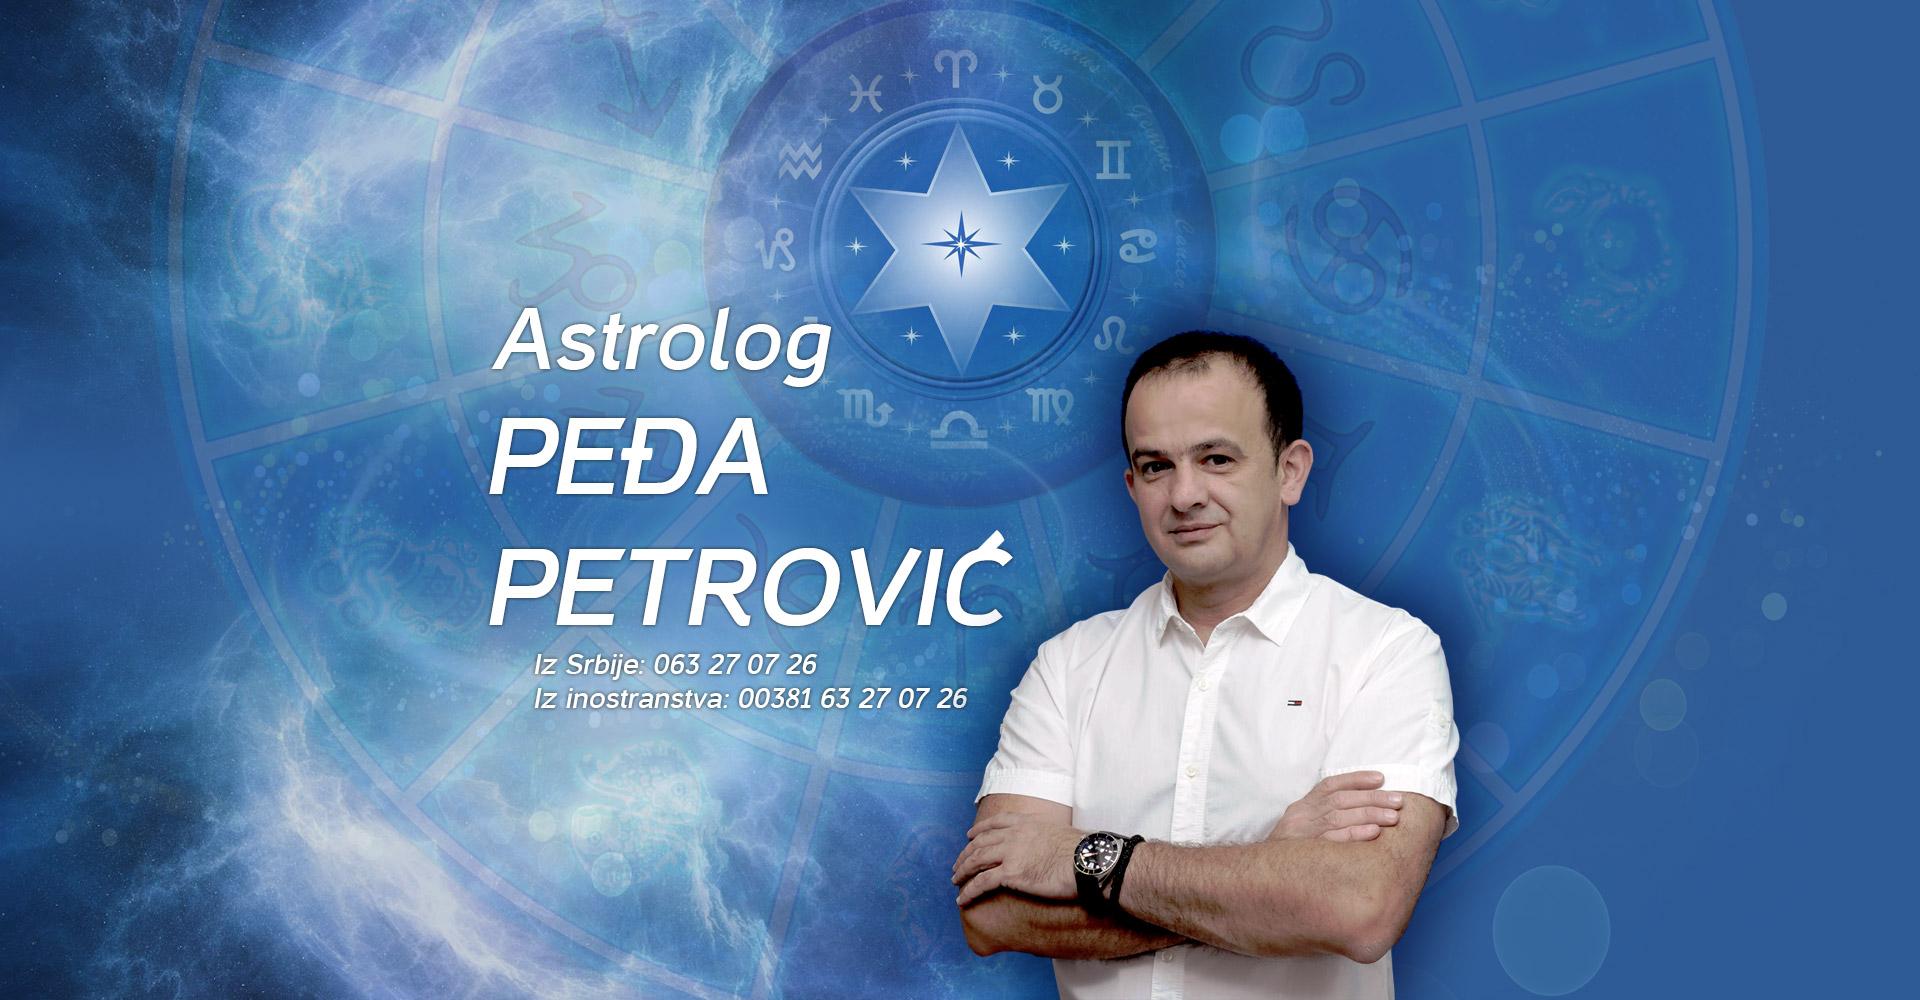 astrolog pedja petrovic horoskop